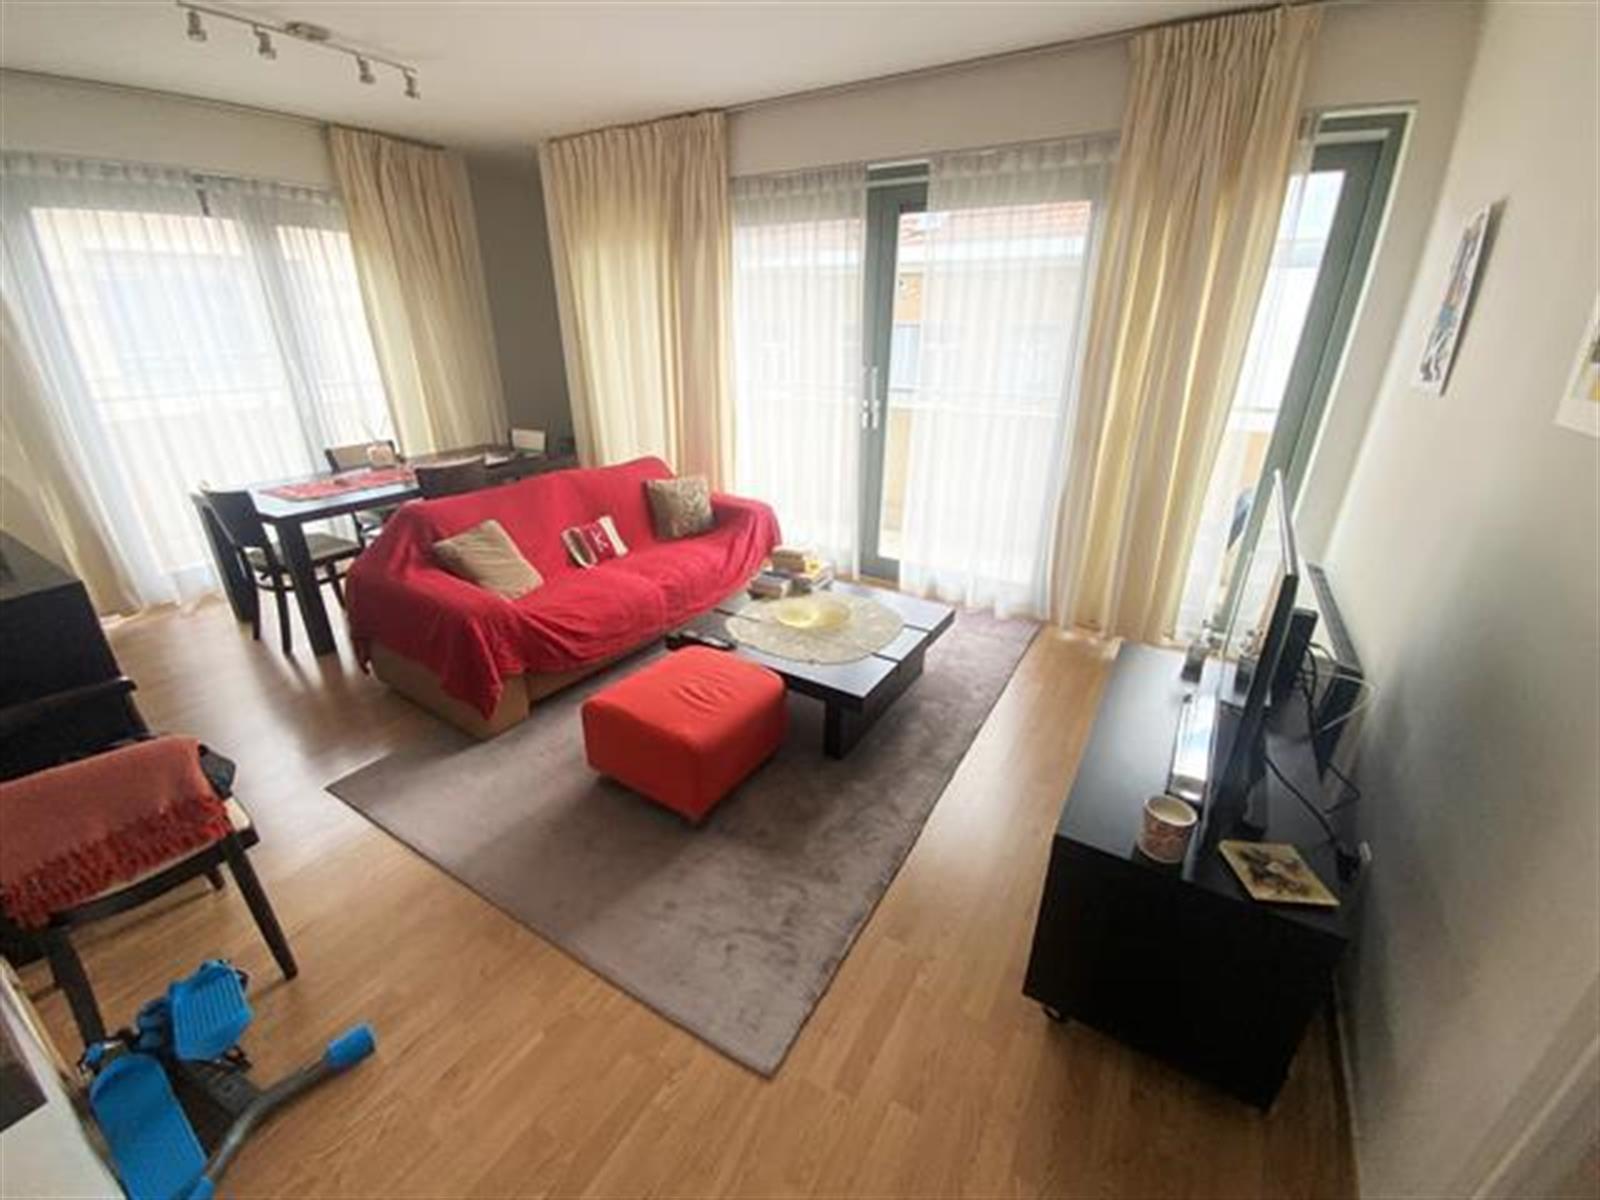 Appartement - Ixelles - #4444835-1